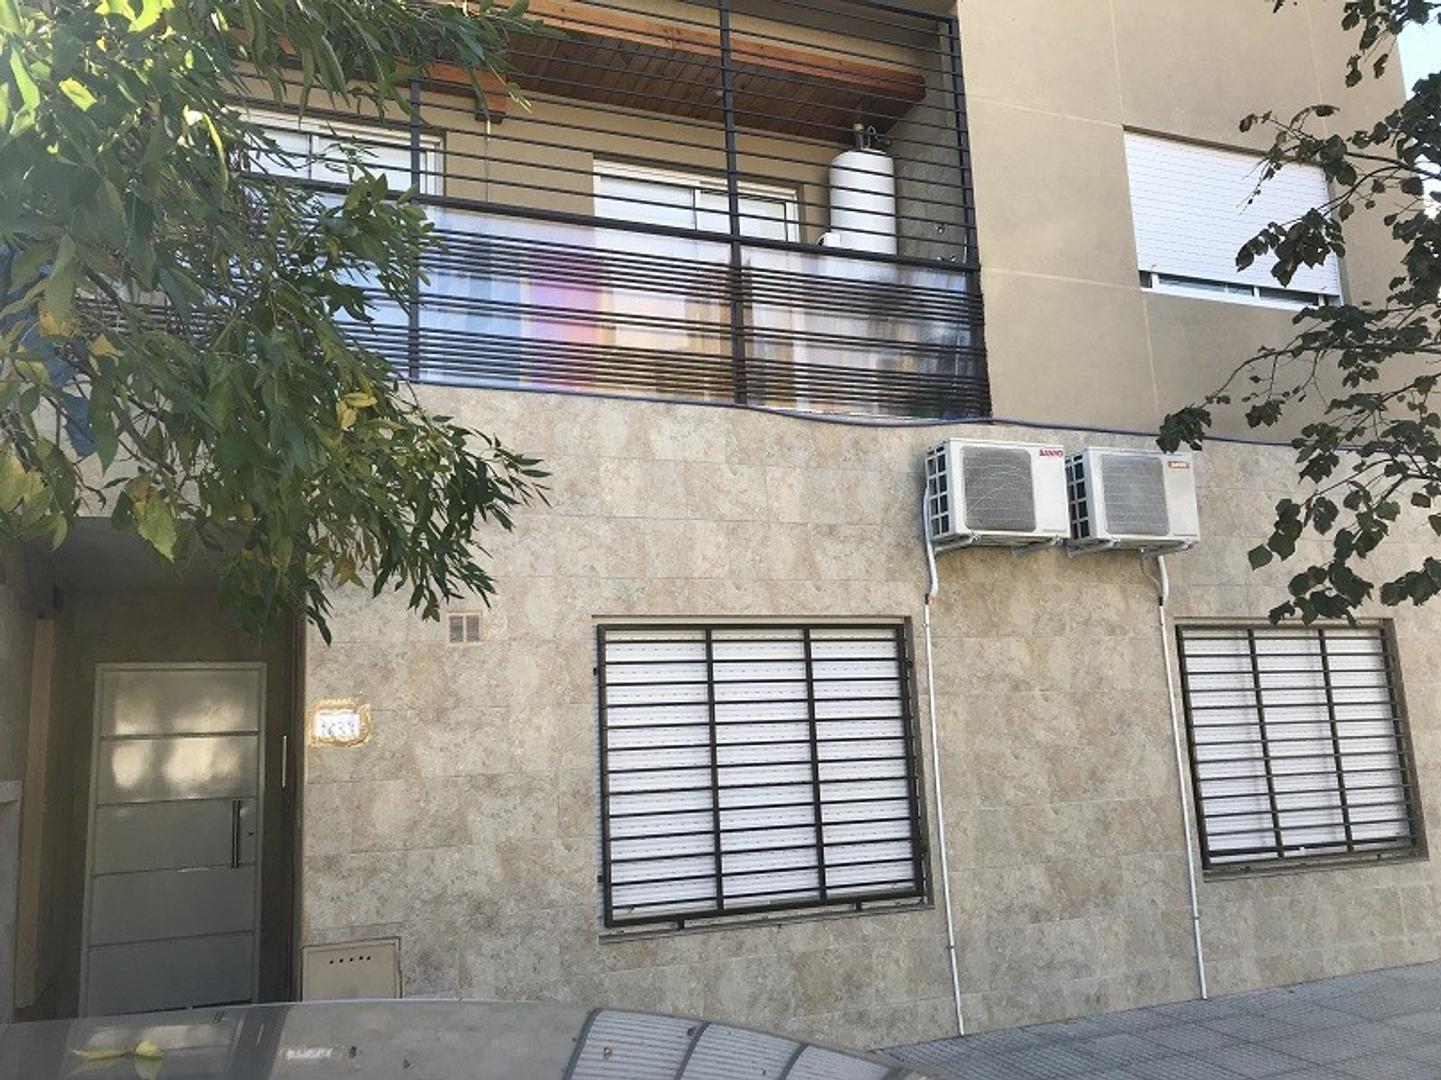 Departamentos a ESTRENAR 3 AMB con balcon corrido y cocina separada